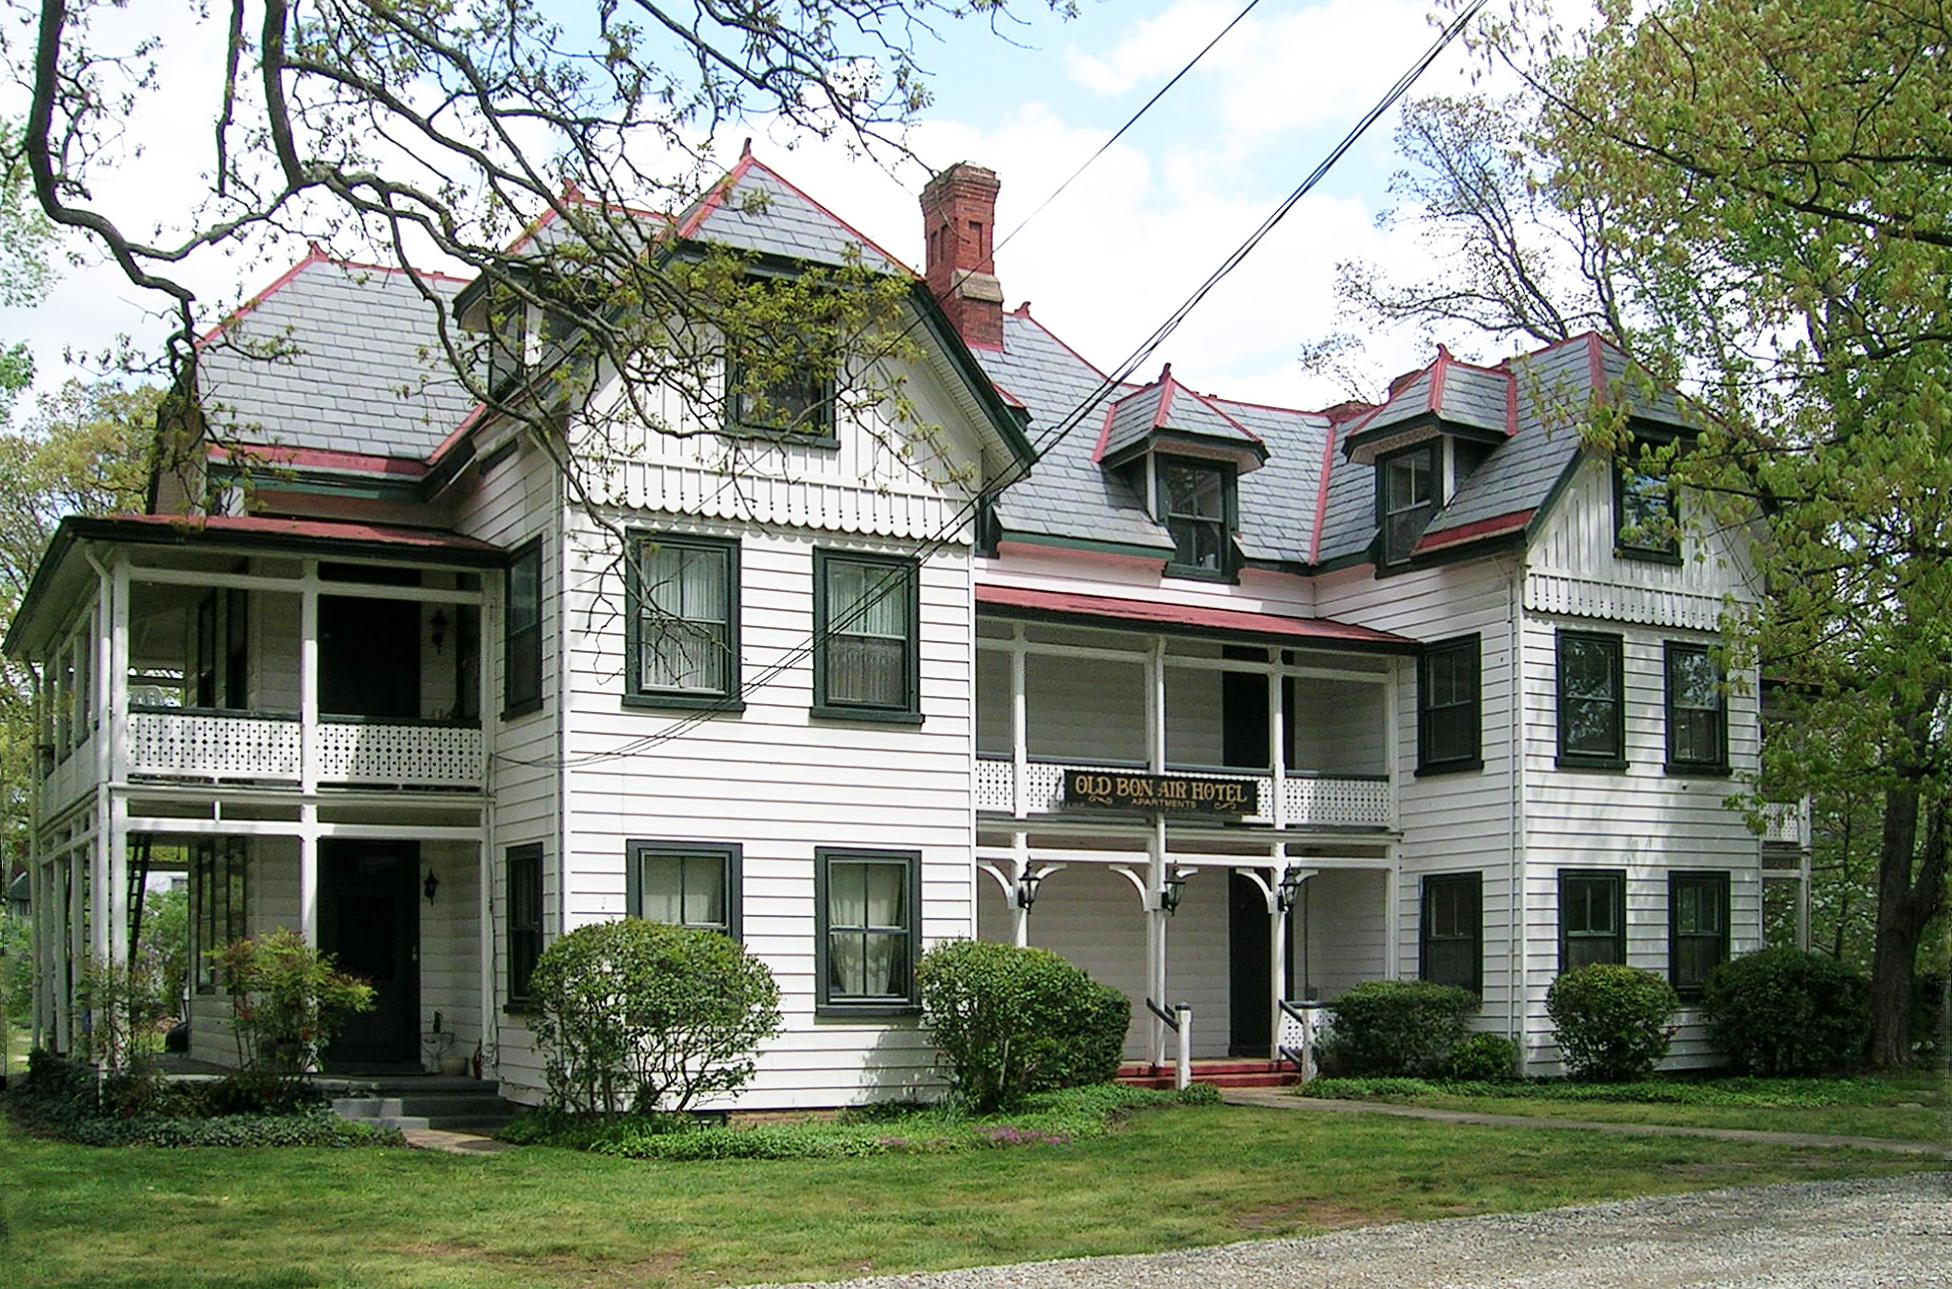 Bon Air Historic District